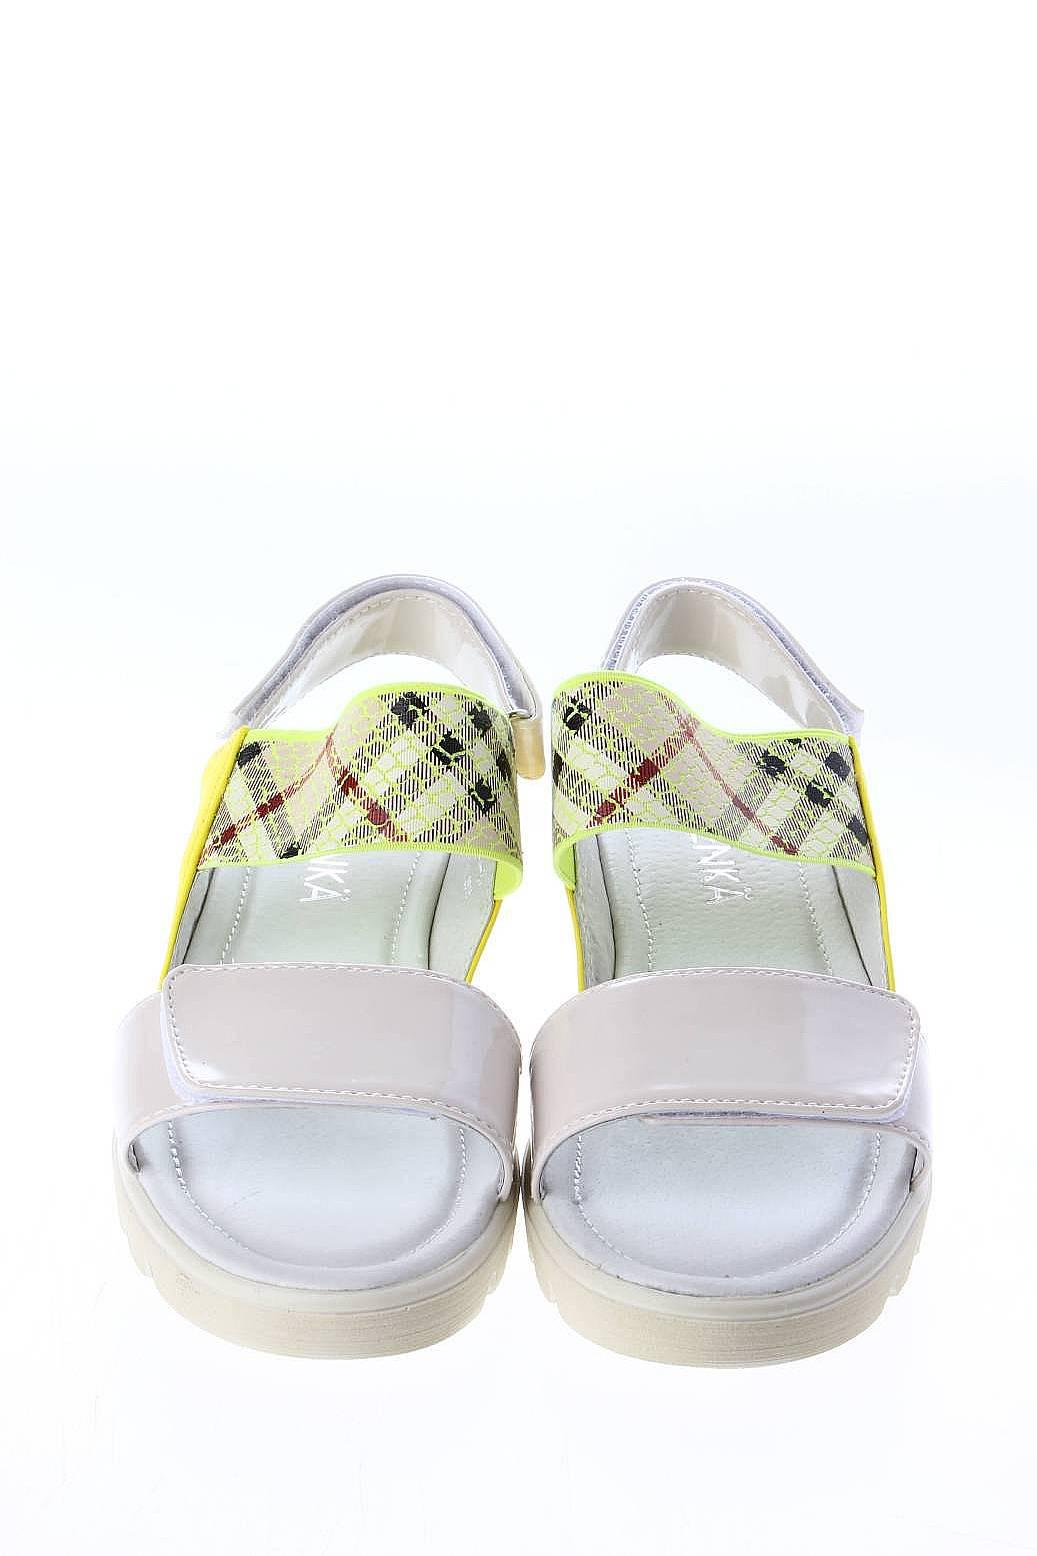 Мужская Обувь Детская Обувь Сандалии: KENKA Обувь